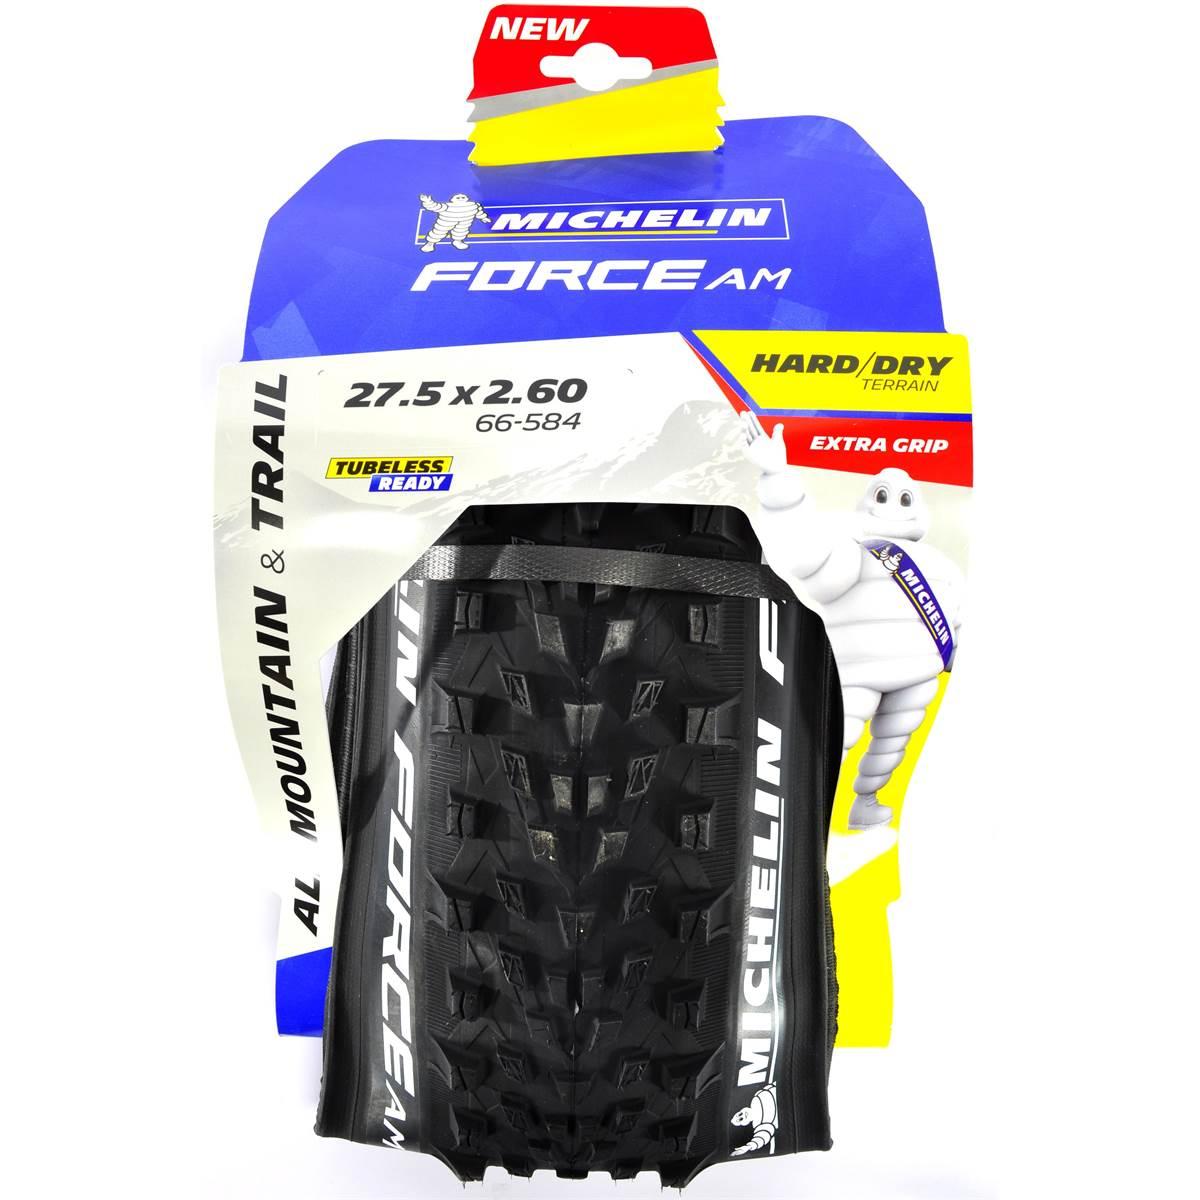 Pneu en 27,5'' x 2,60 Force AM TS TLR Michelin pour vélo